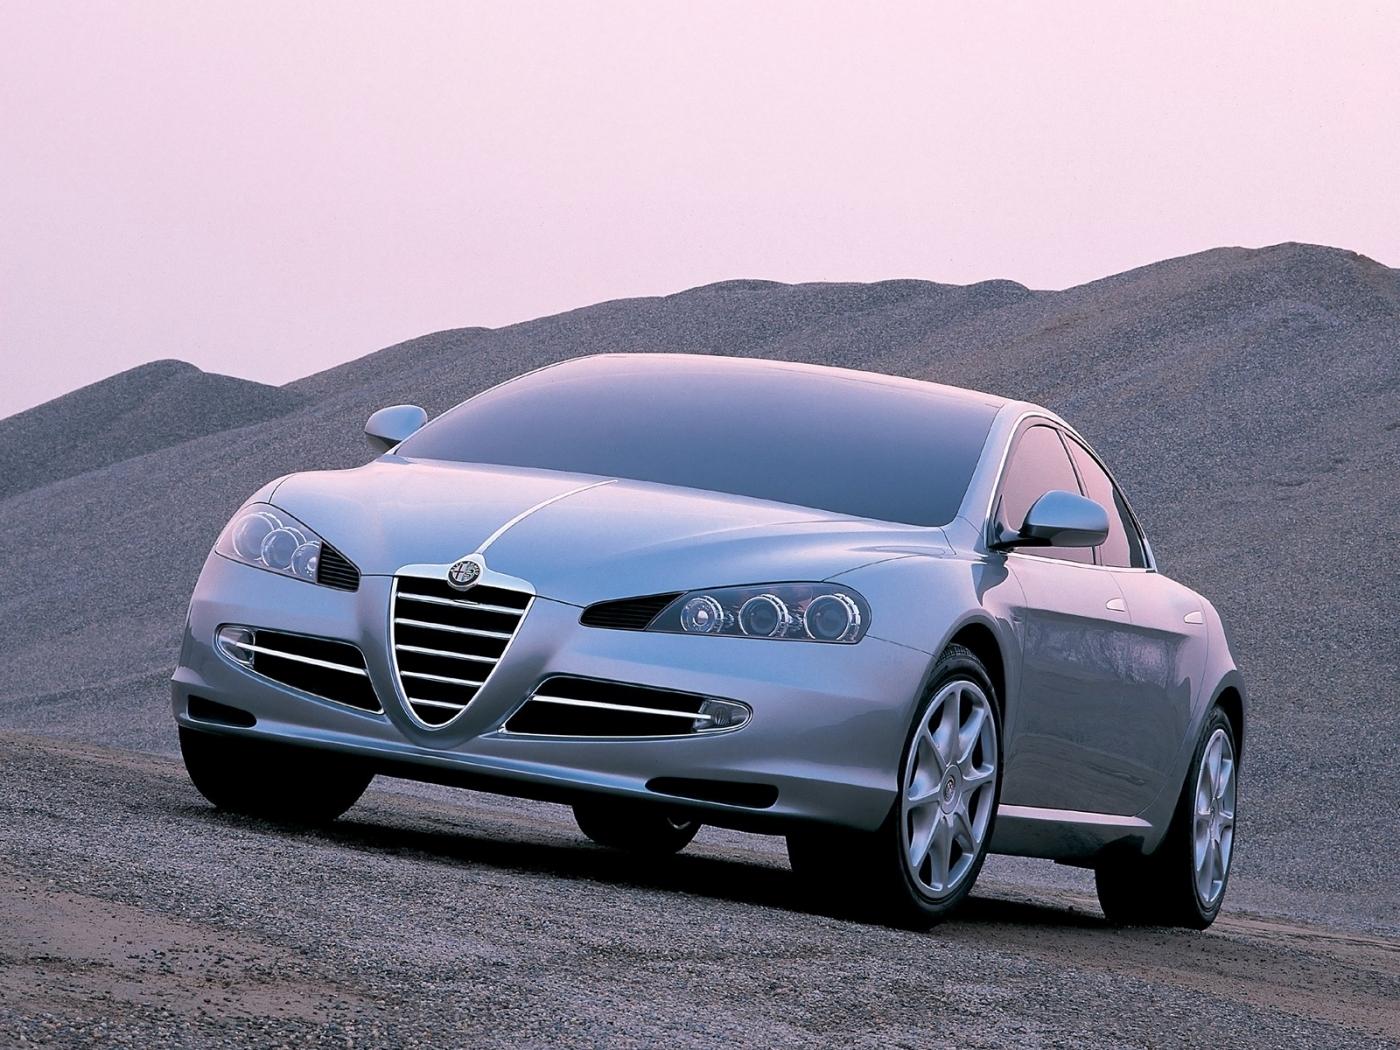 39869 скачать обои Транспорт, Машины, Альфа Ромео (Alfa Romeo) - заставки и картинки бесплатно